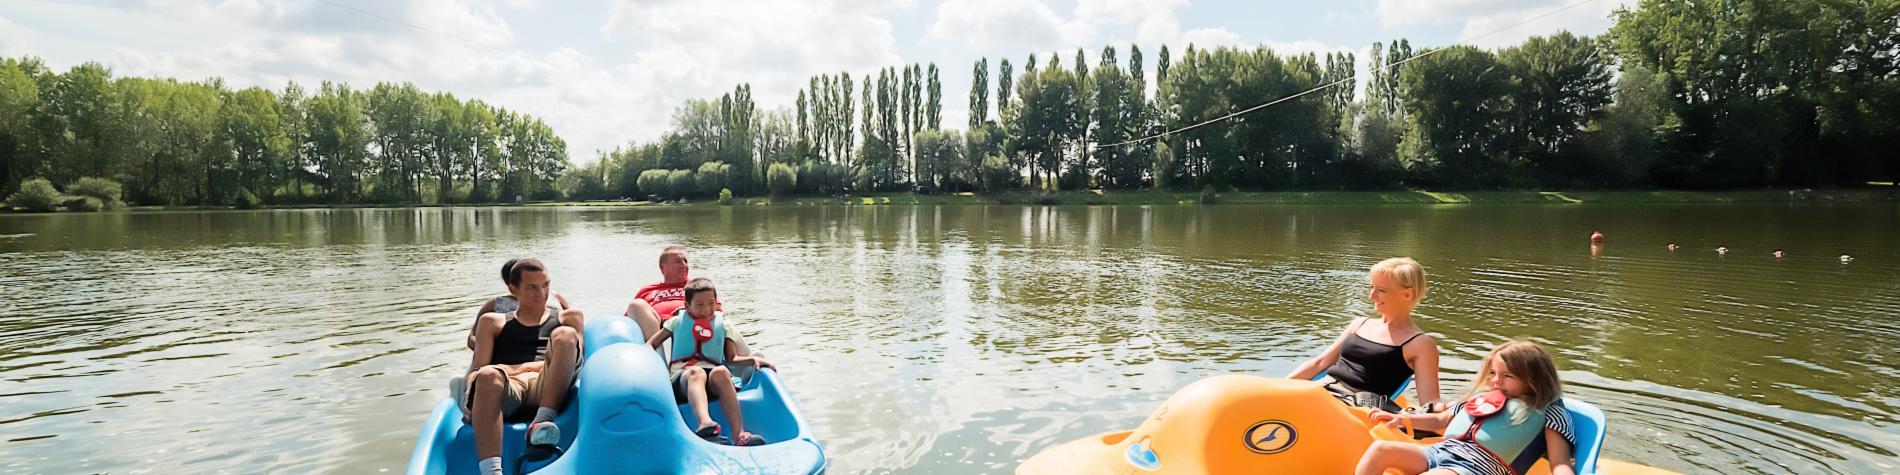 Centre de délassement de Claire-Fontaine à Godarville - Familles & enfants, Nature, Sport, Pêche, Wallonie nature, Wallonie Terre d'Eau